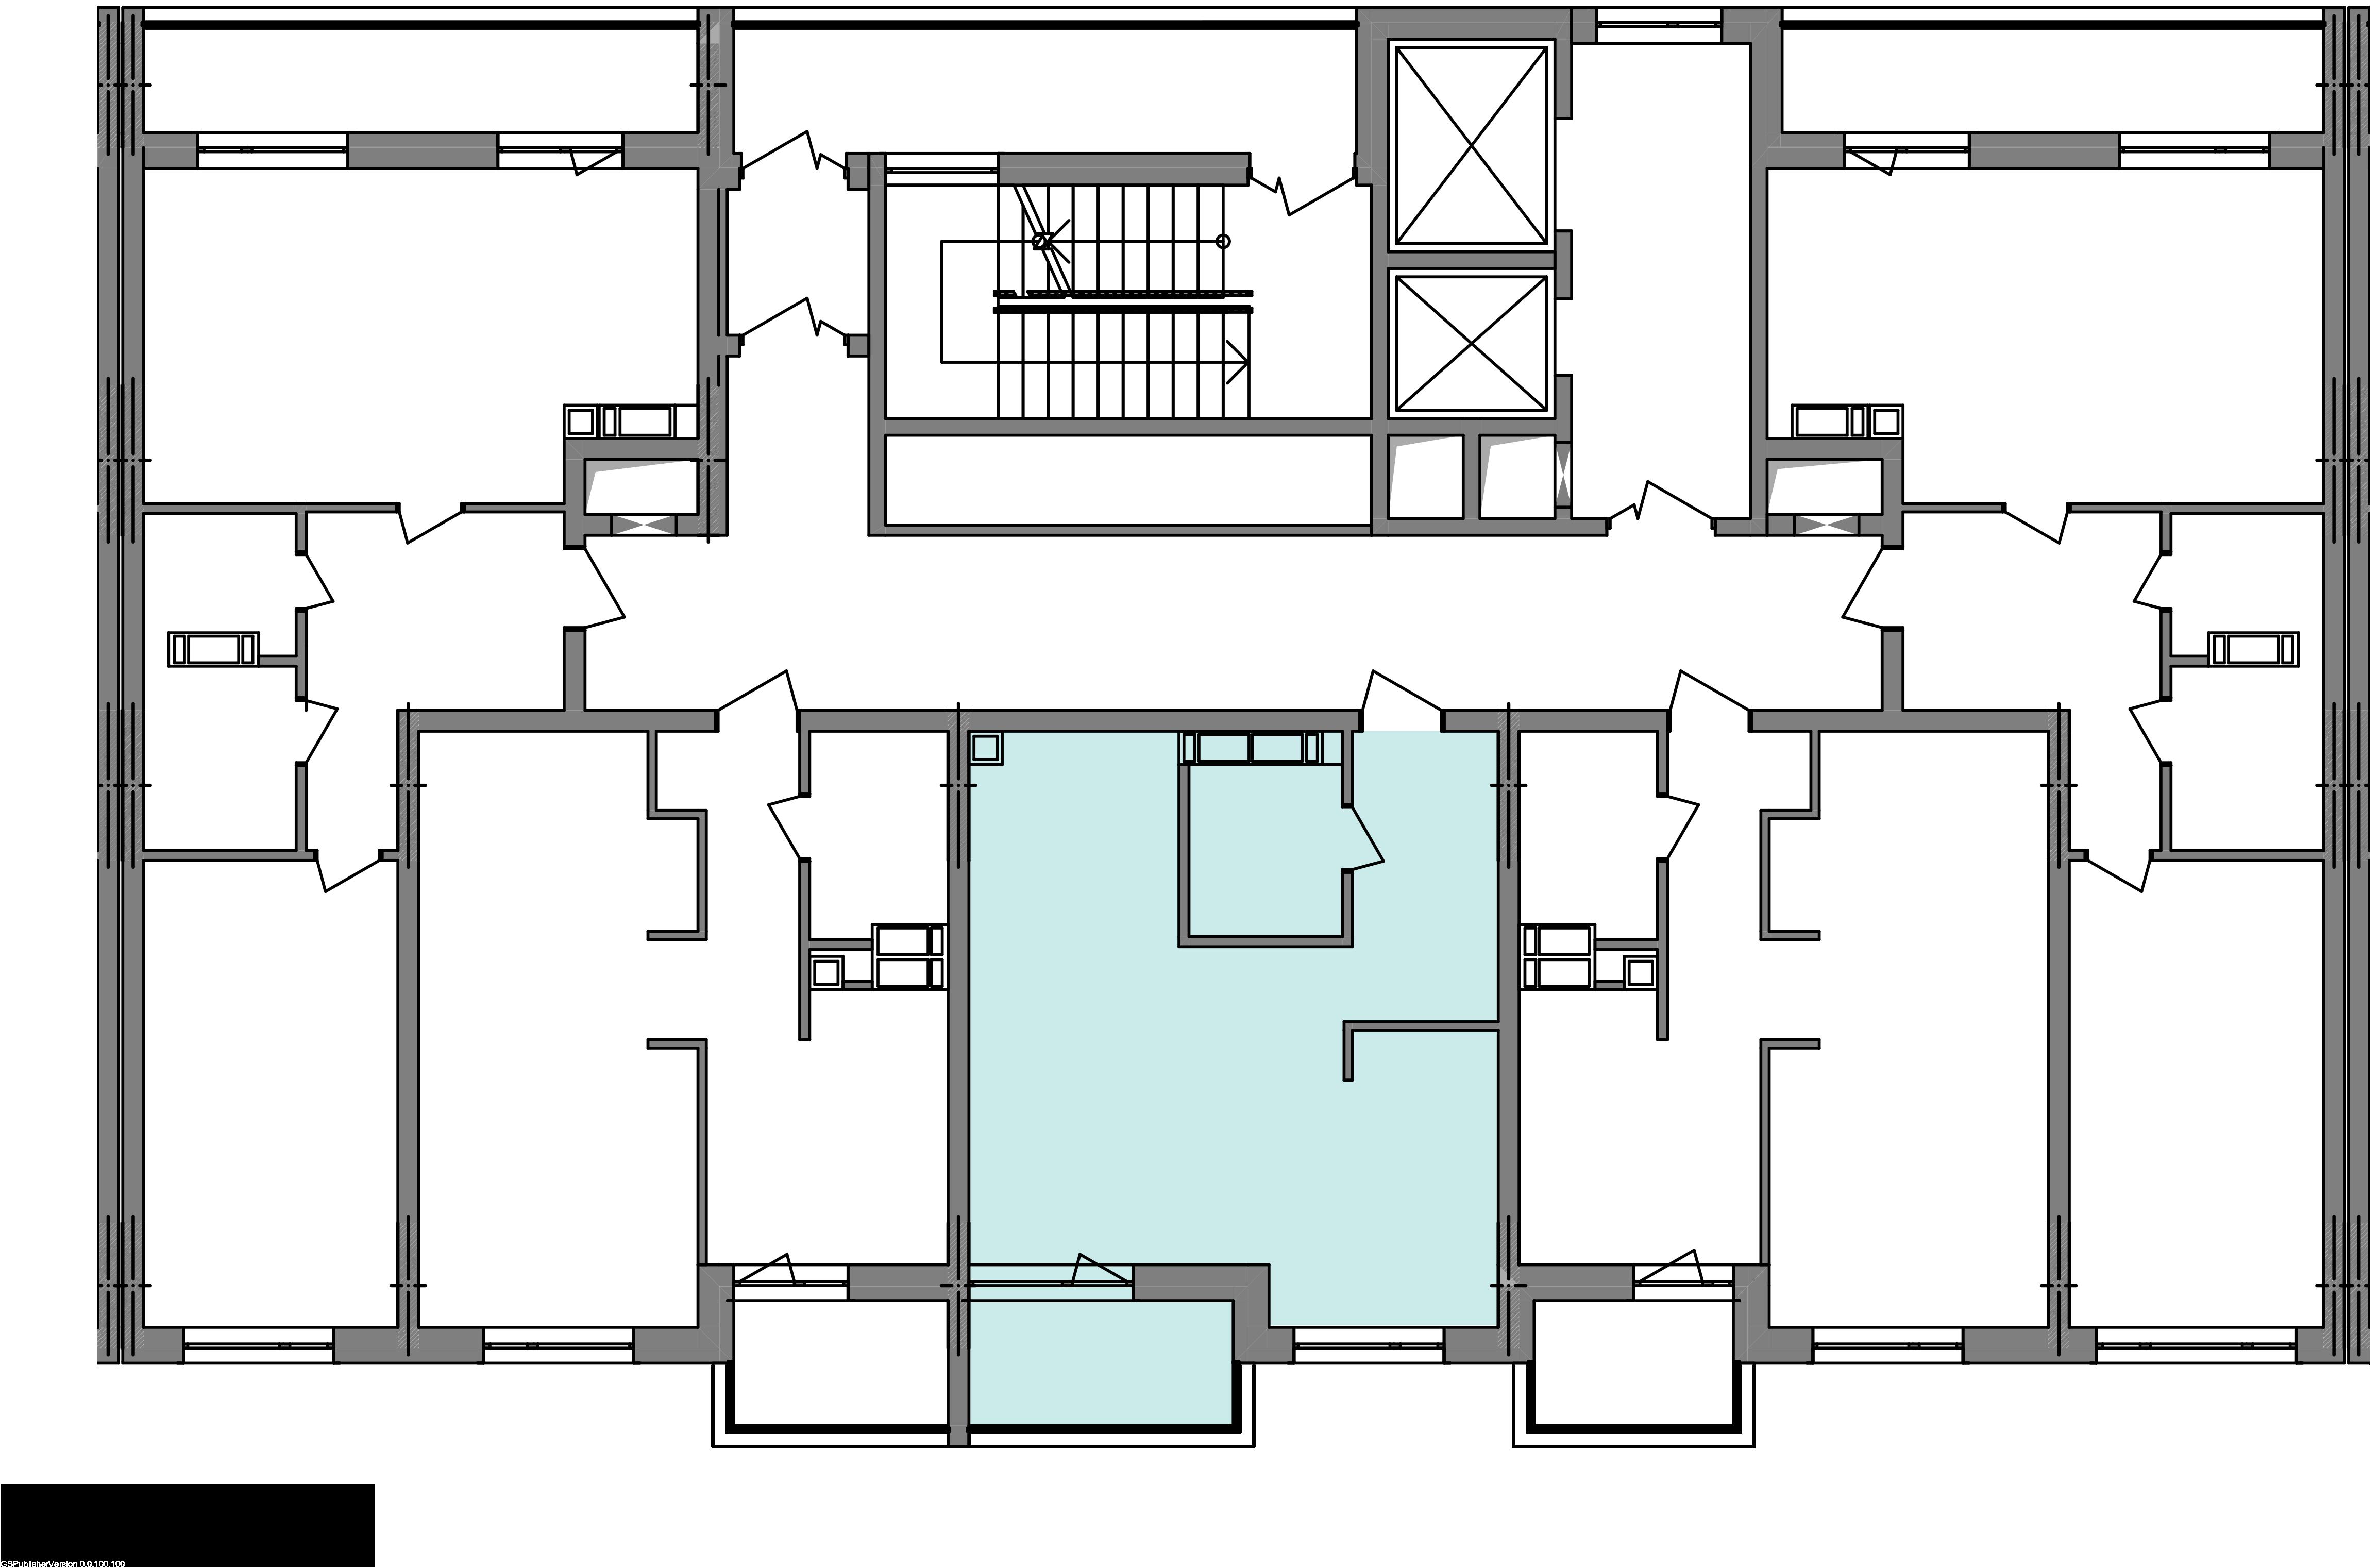 Однокомнатная квартира 41,21 кв.м., тип 1.2, дом 3 секція 2 расположение на этаже